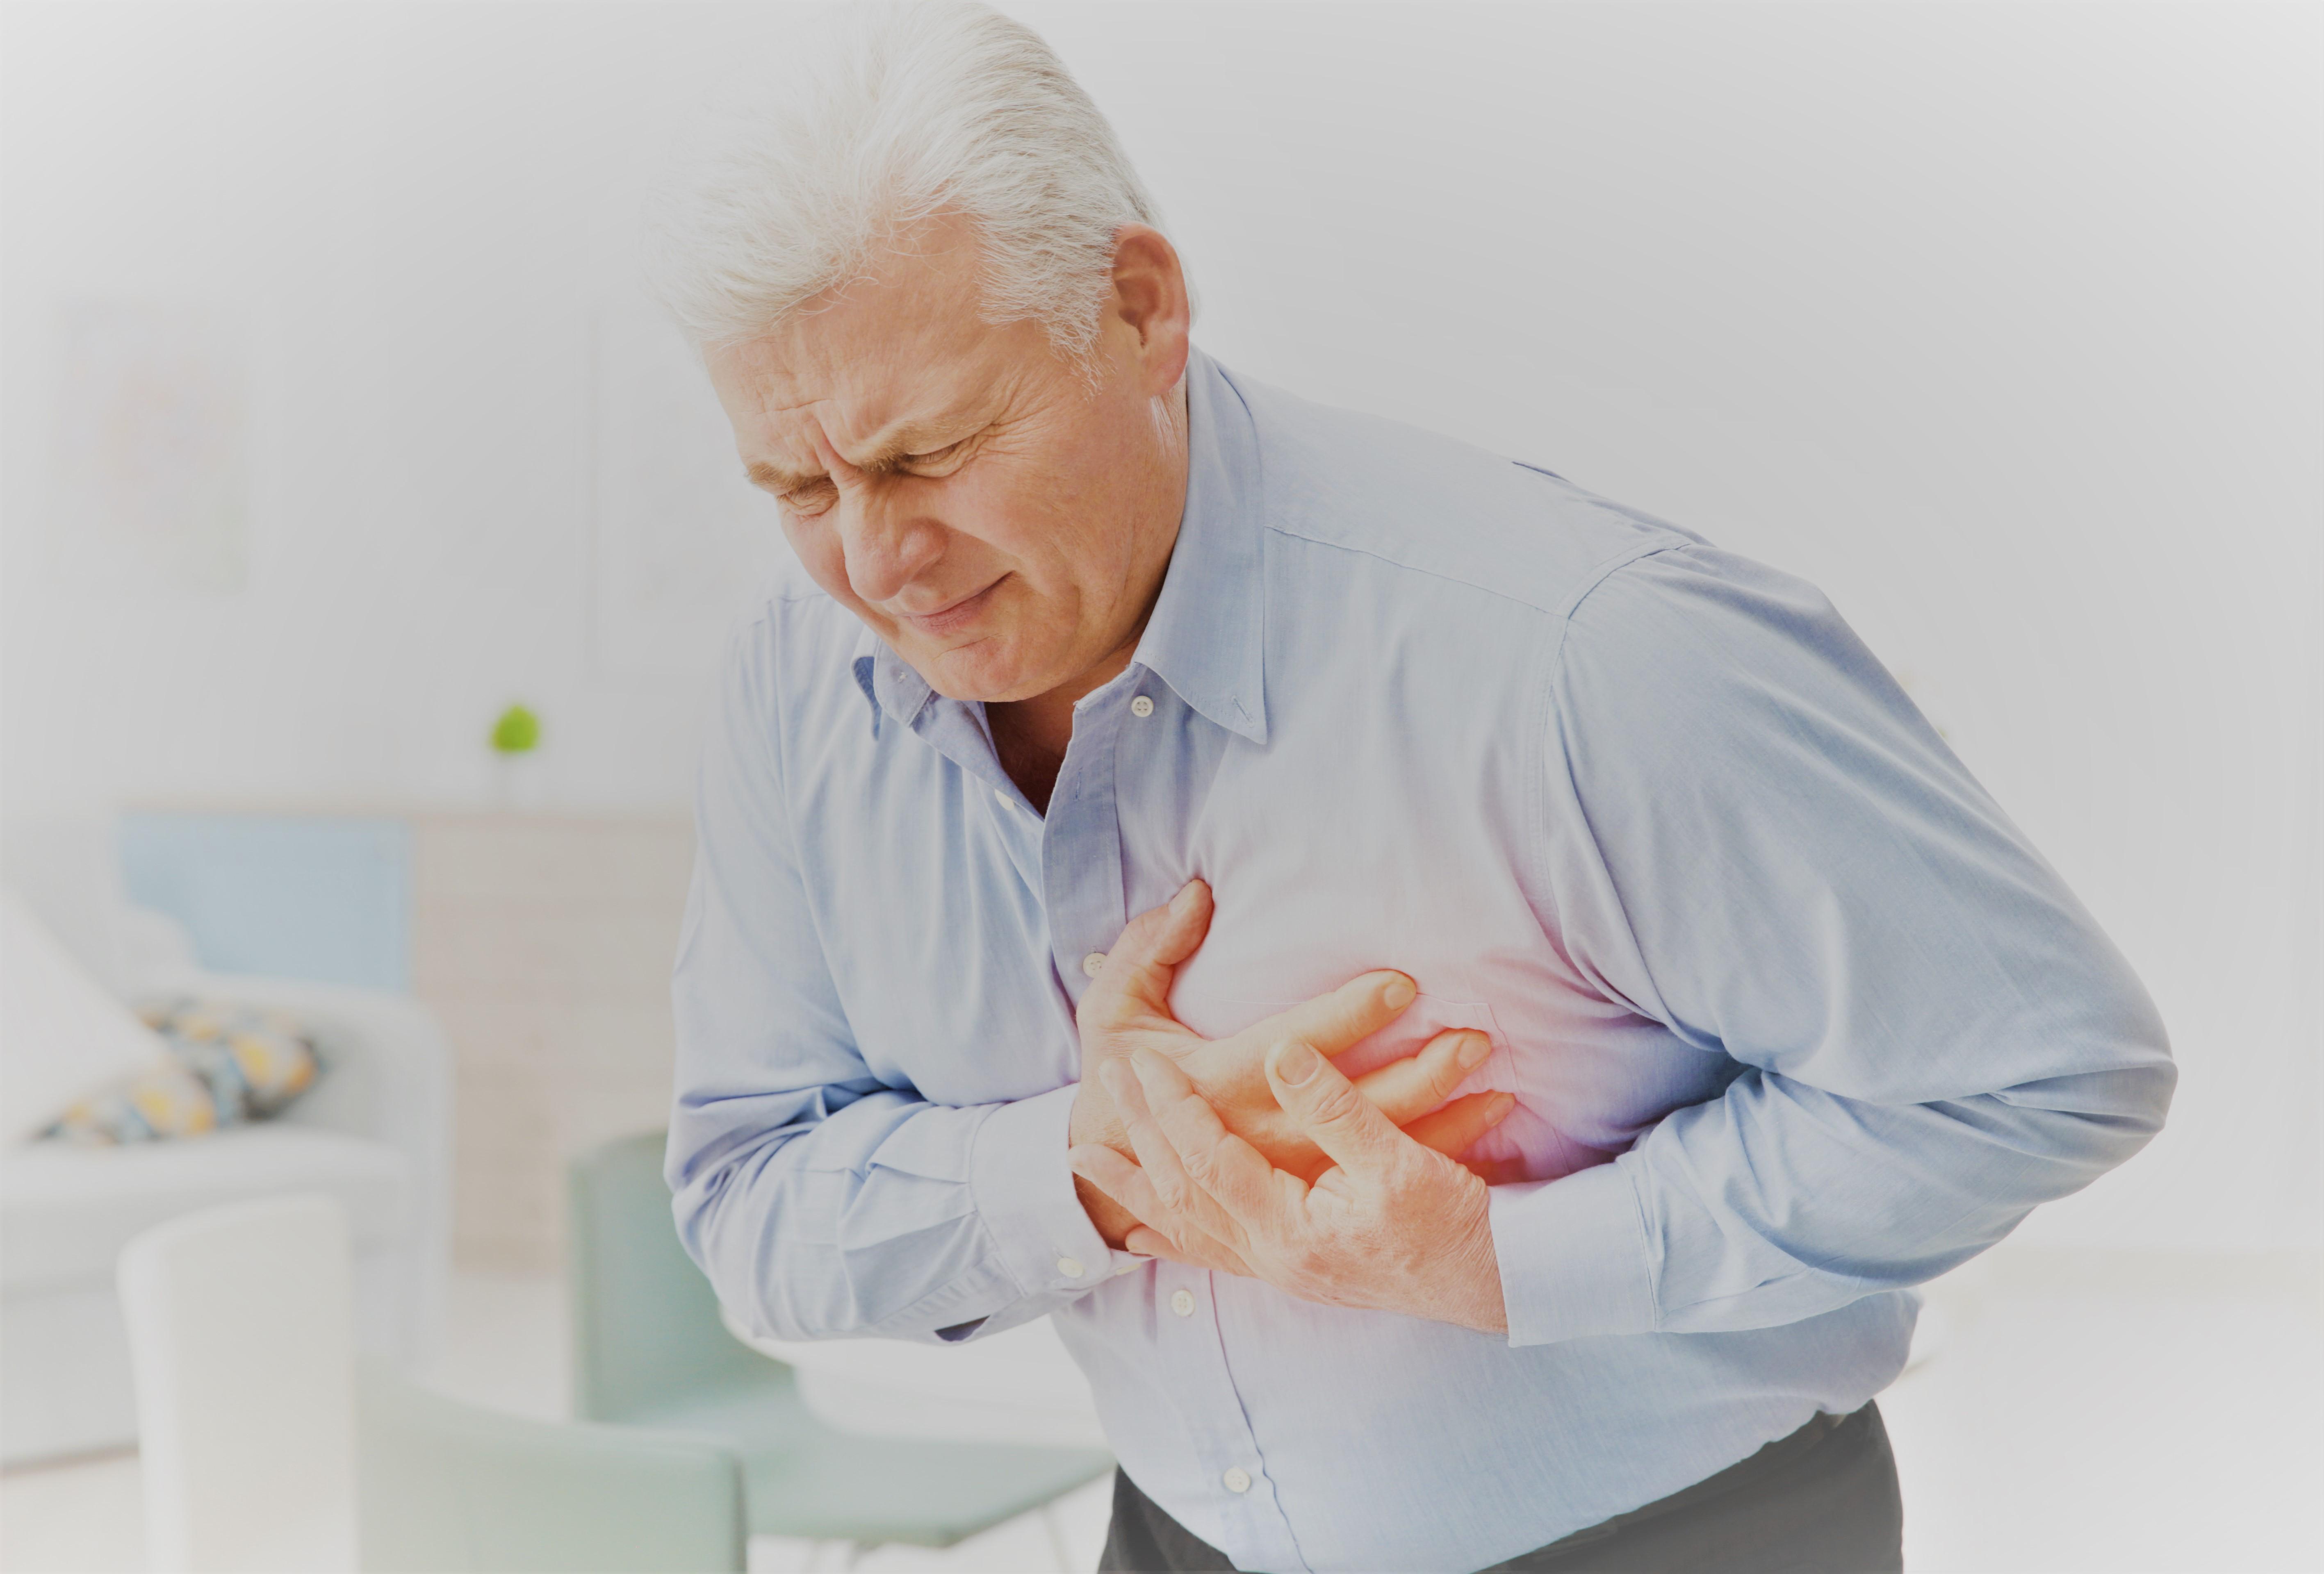 vállfájdalom magas vérnyomás)